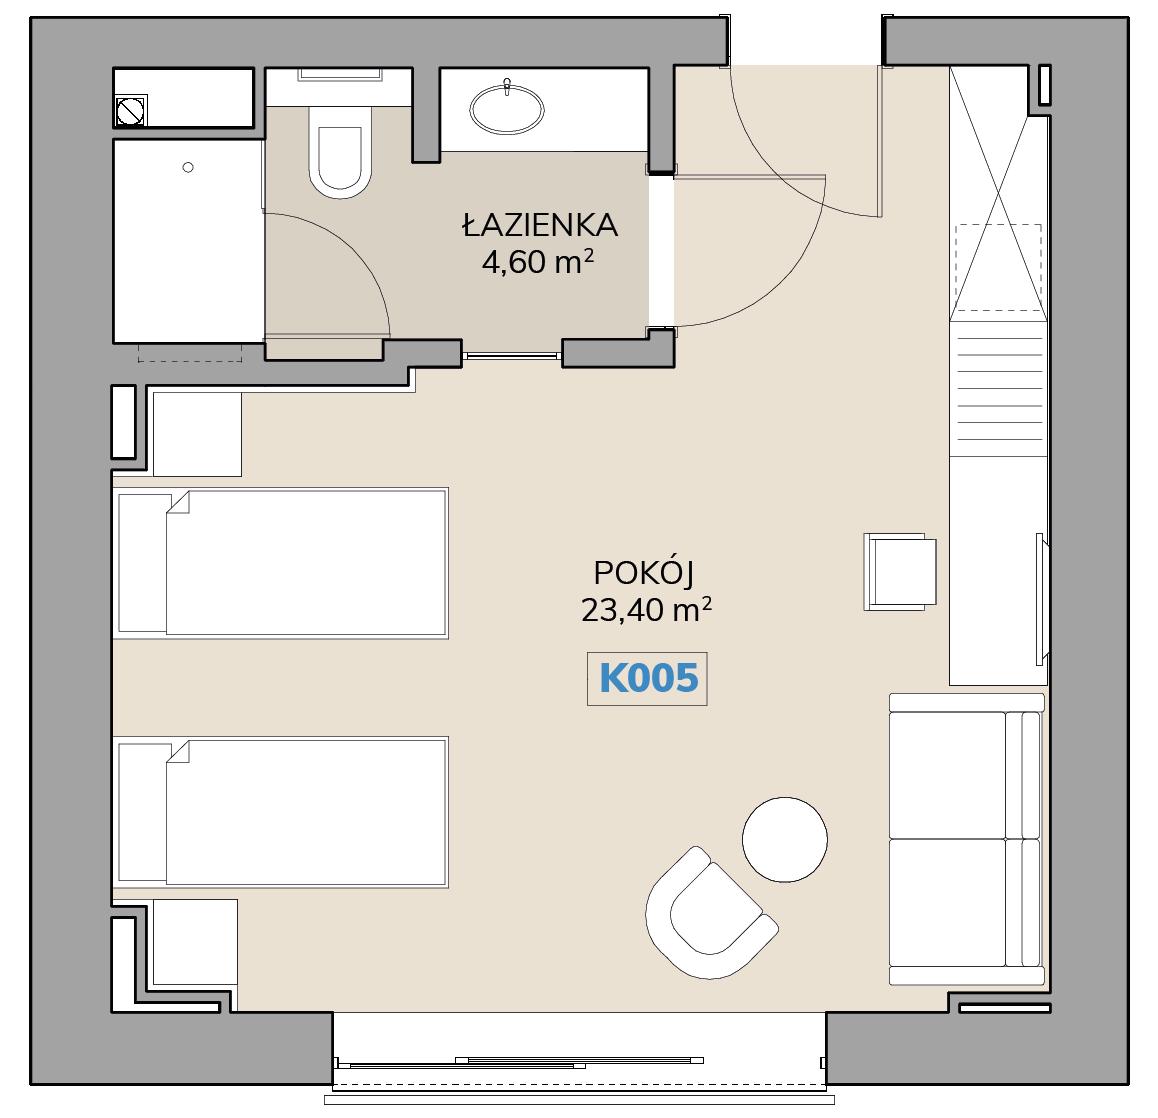 Apartament K005